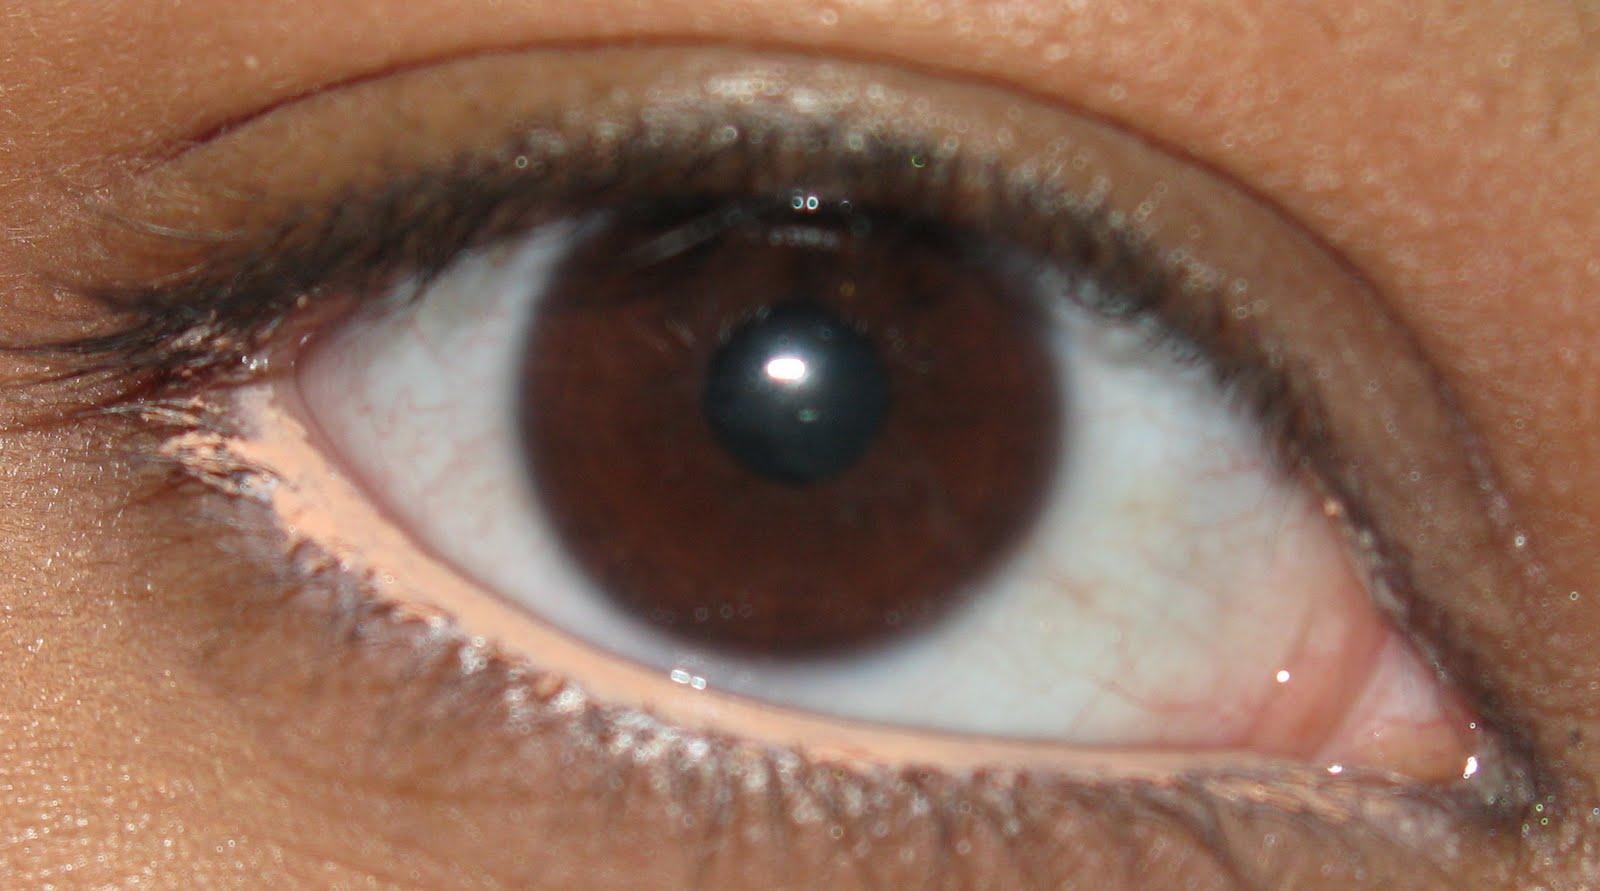 Topaz Eye Color Here's...